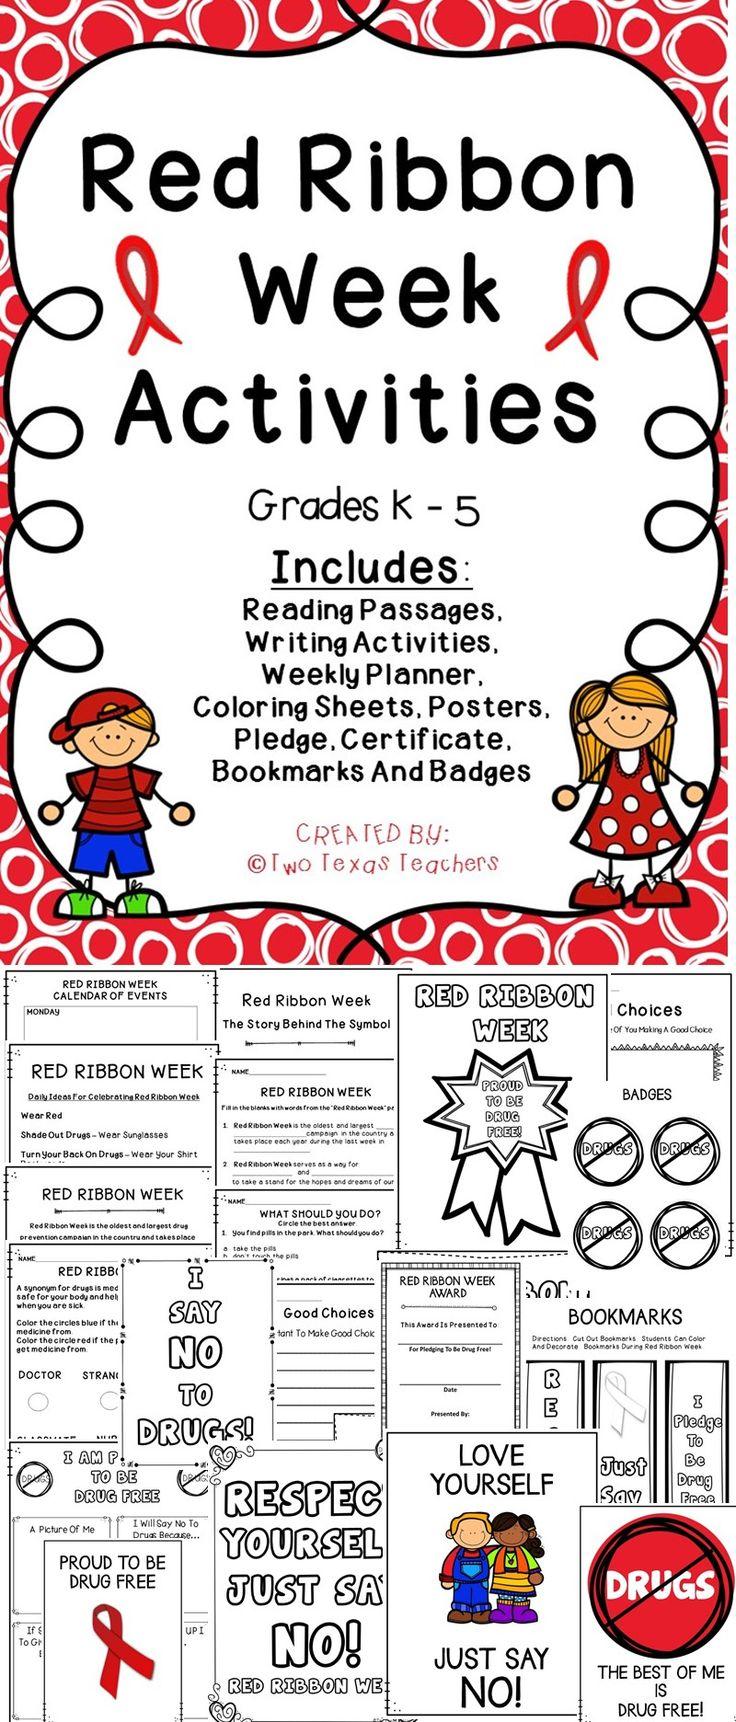 Monster image in red ribbon week printable activities